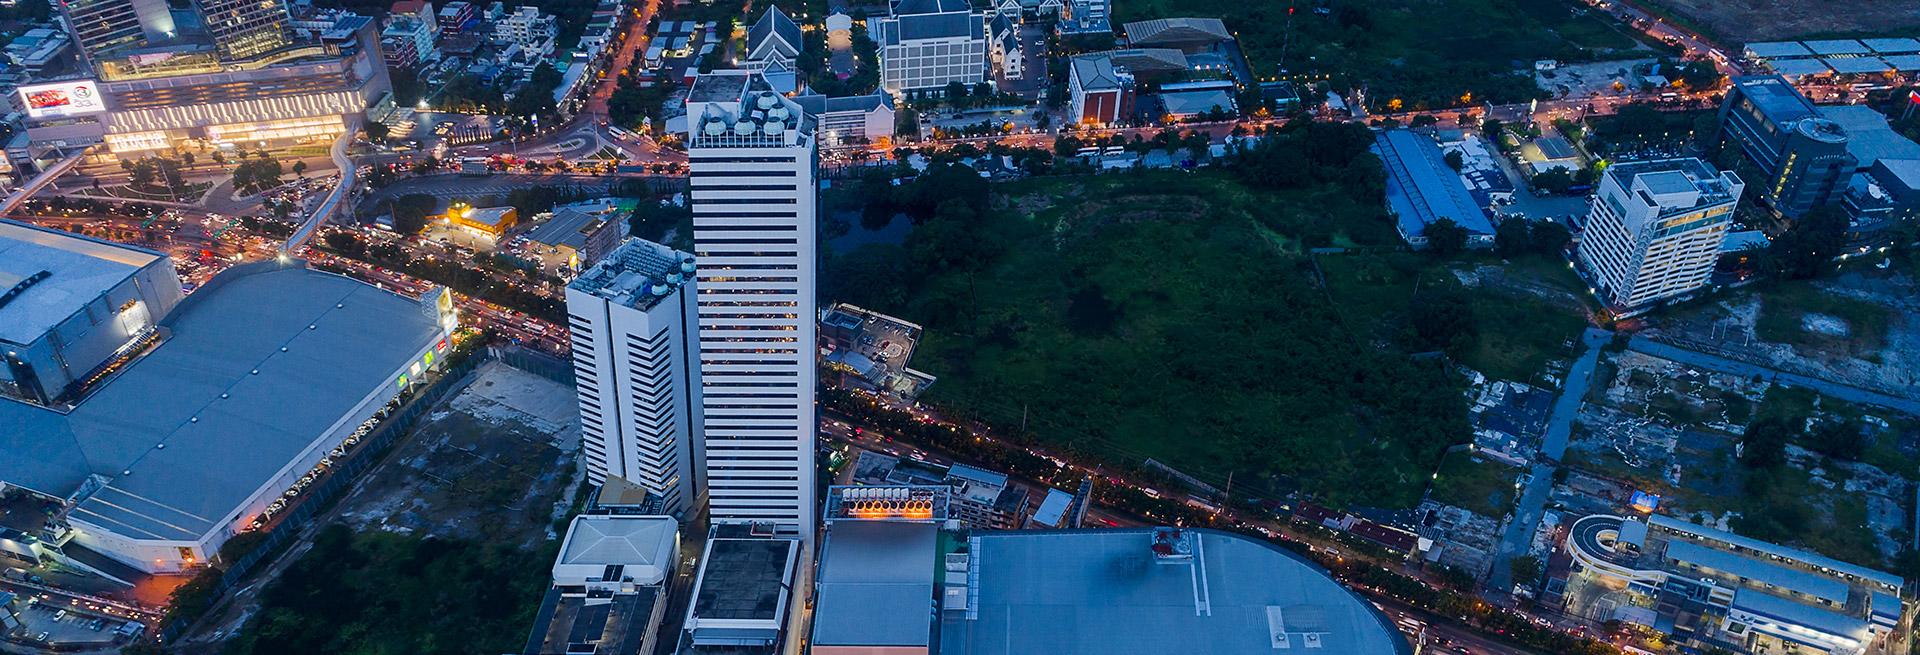 คอนโด รัชดา-พระราม 9 New CBD ที่ตอบสนองคนเมืองอย่างลงตัว